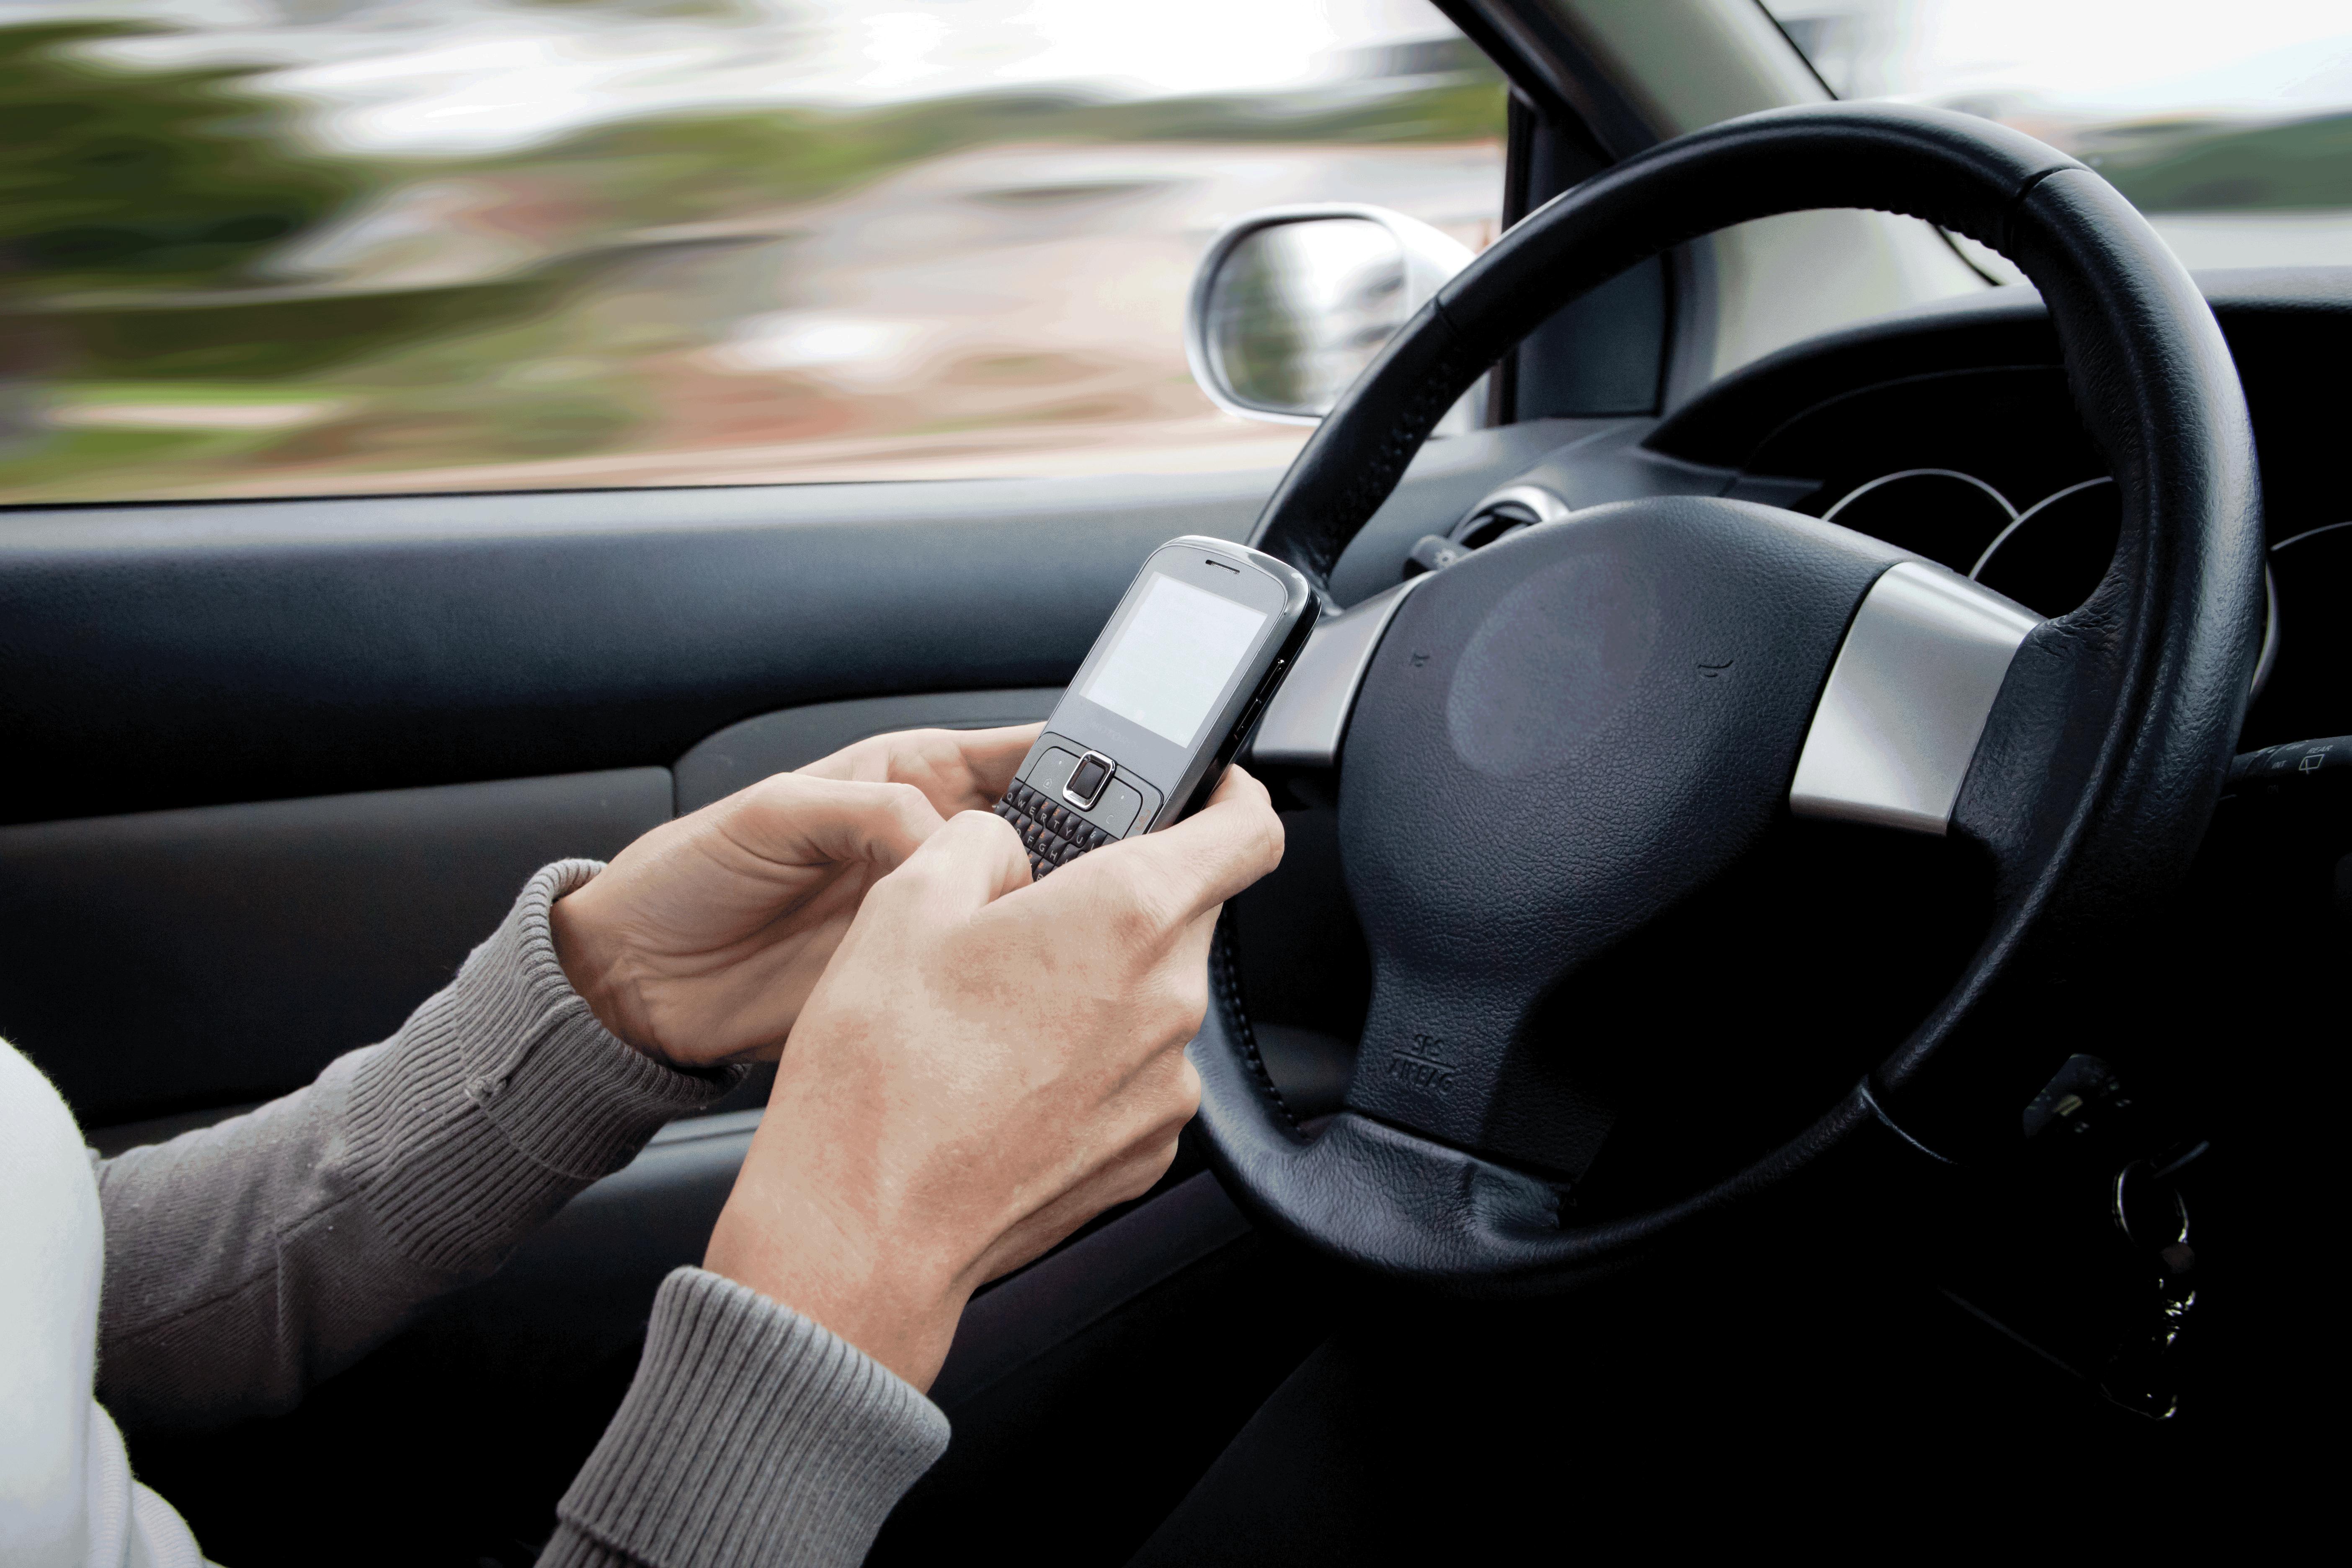 Guiar um carro de forma segura